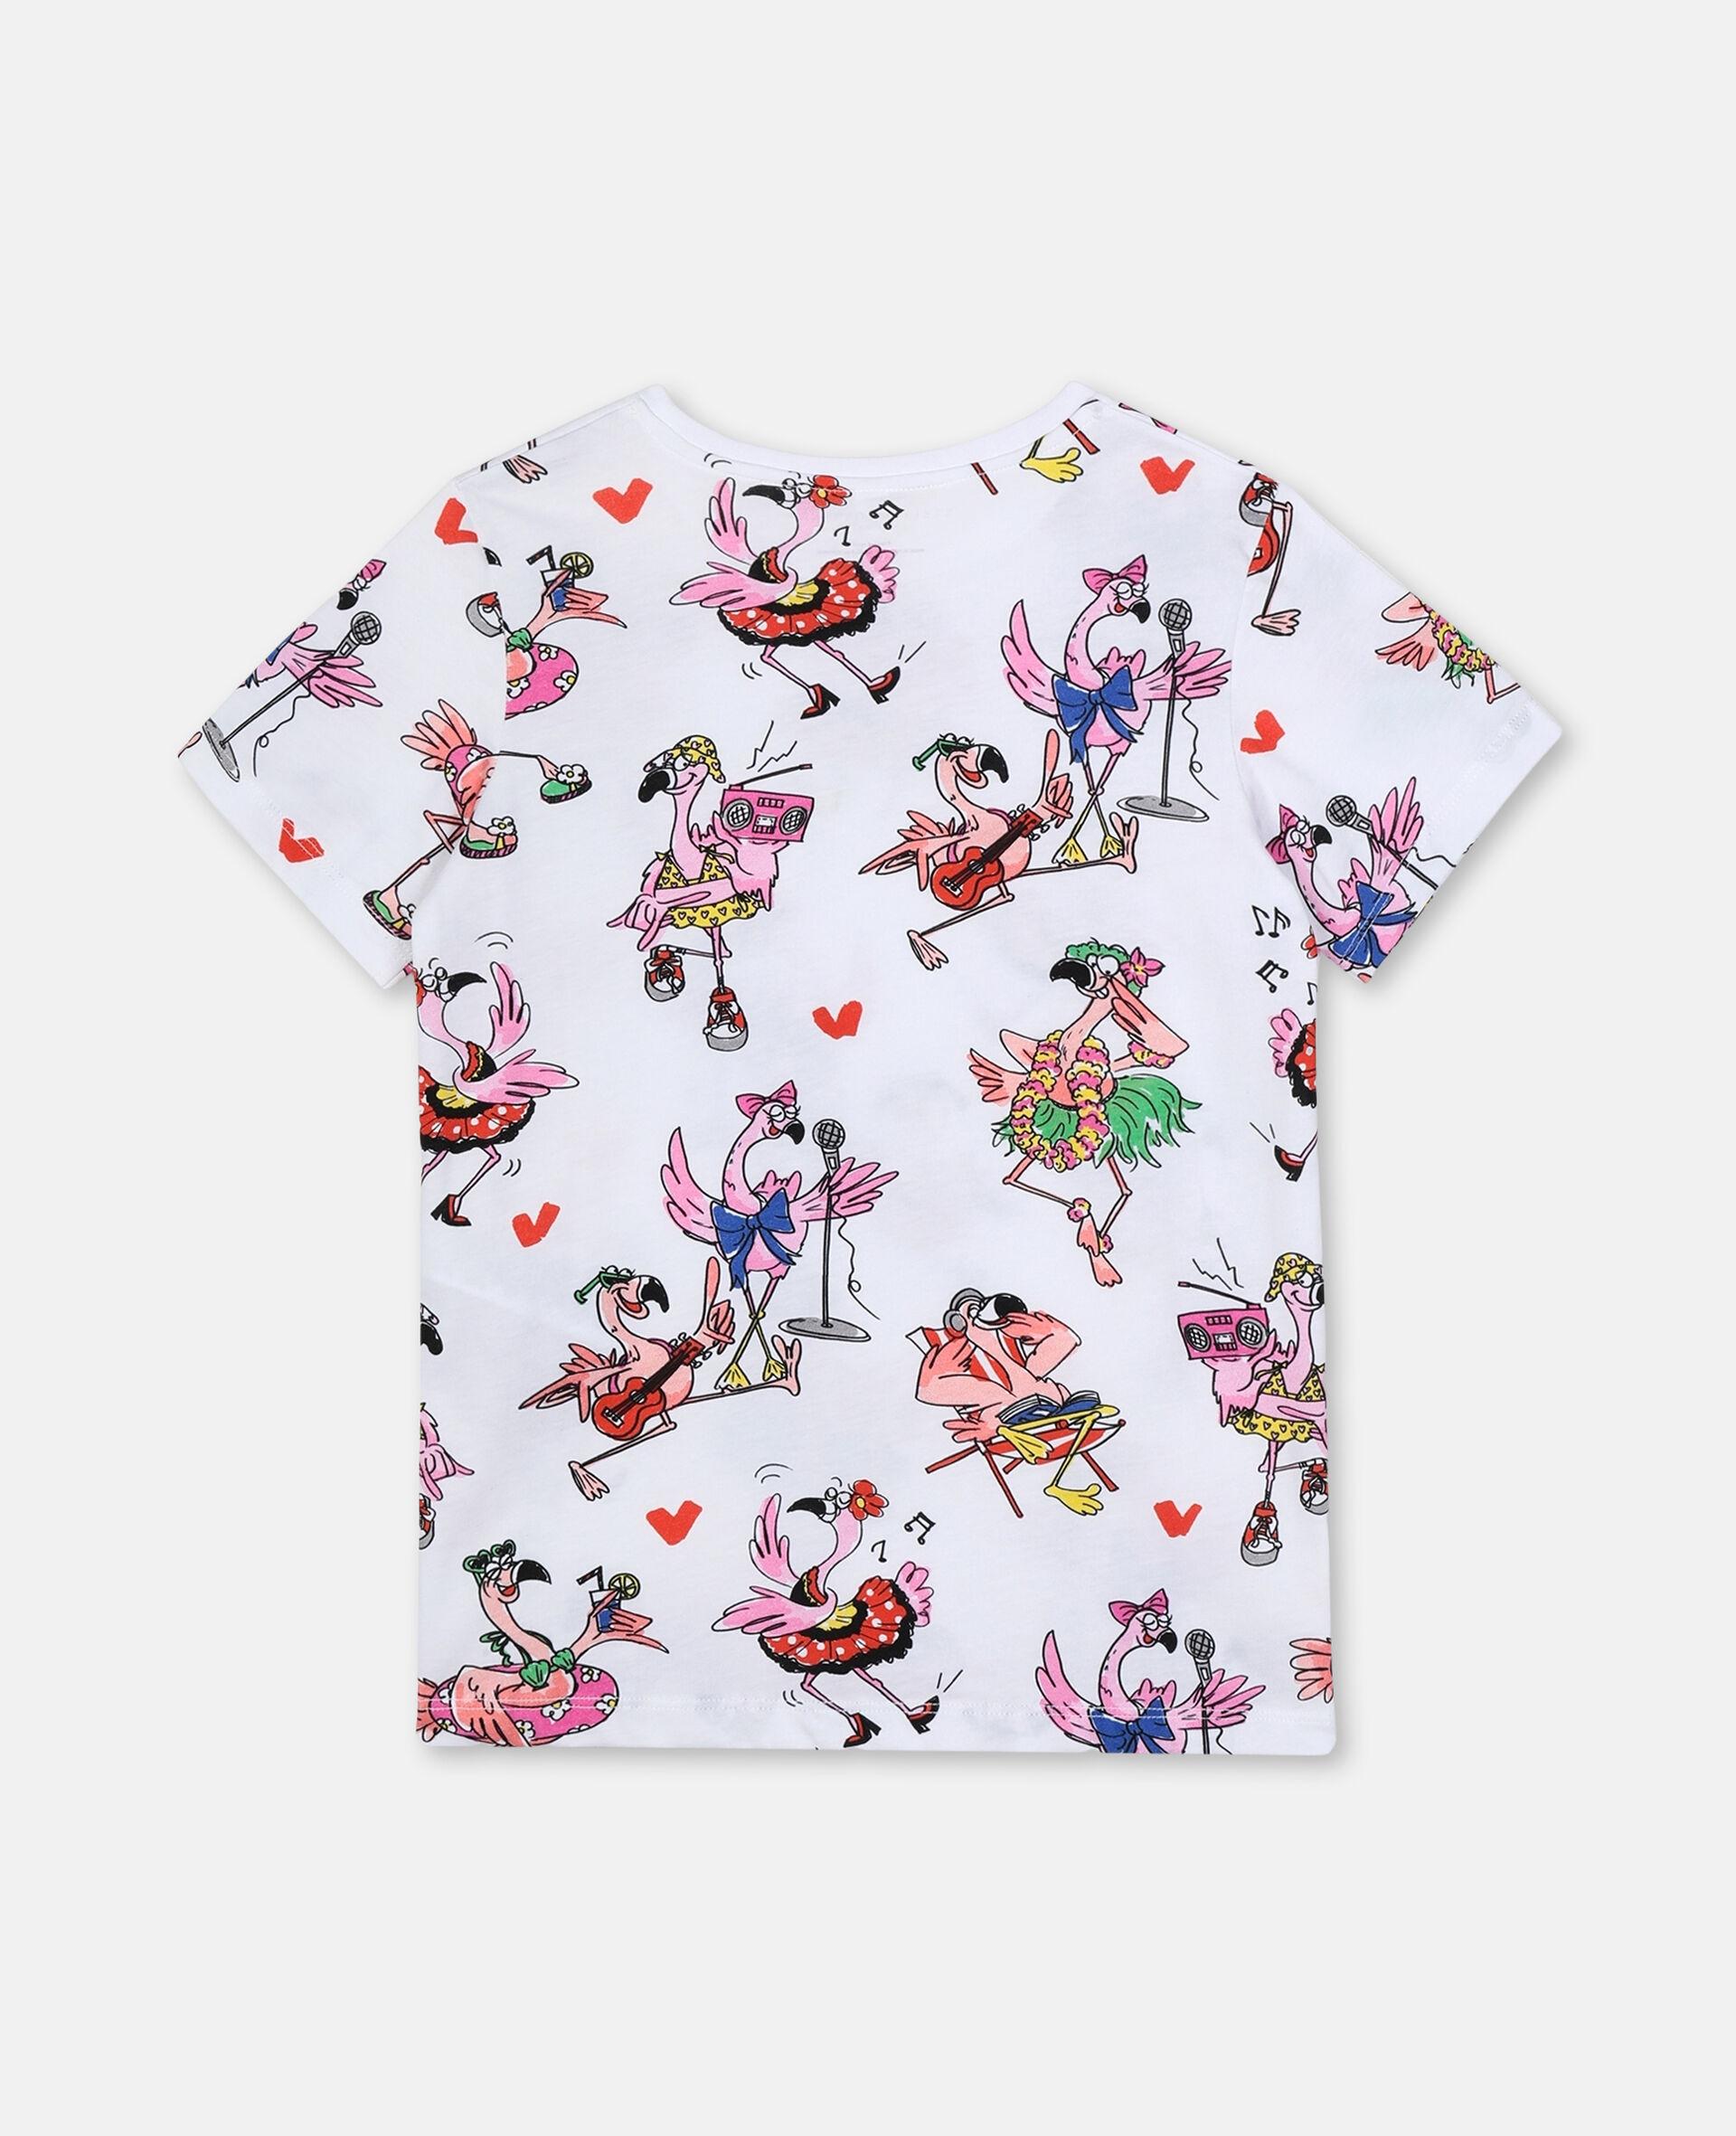 Flamingo Party Cotton T-shirt-Multicolour-large image number 3